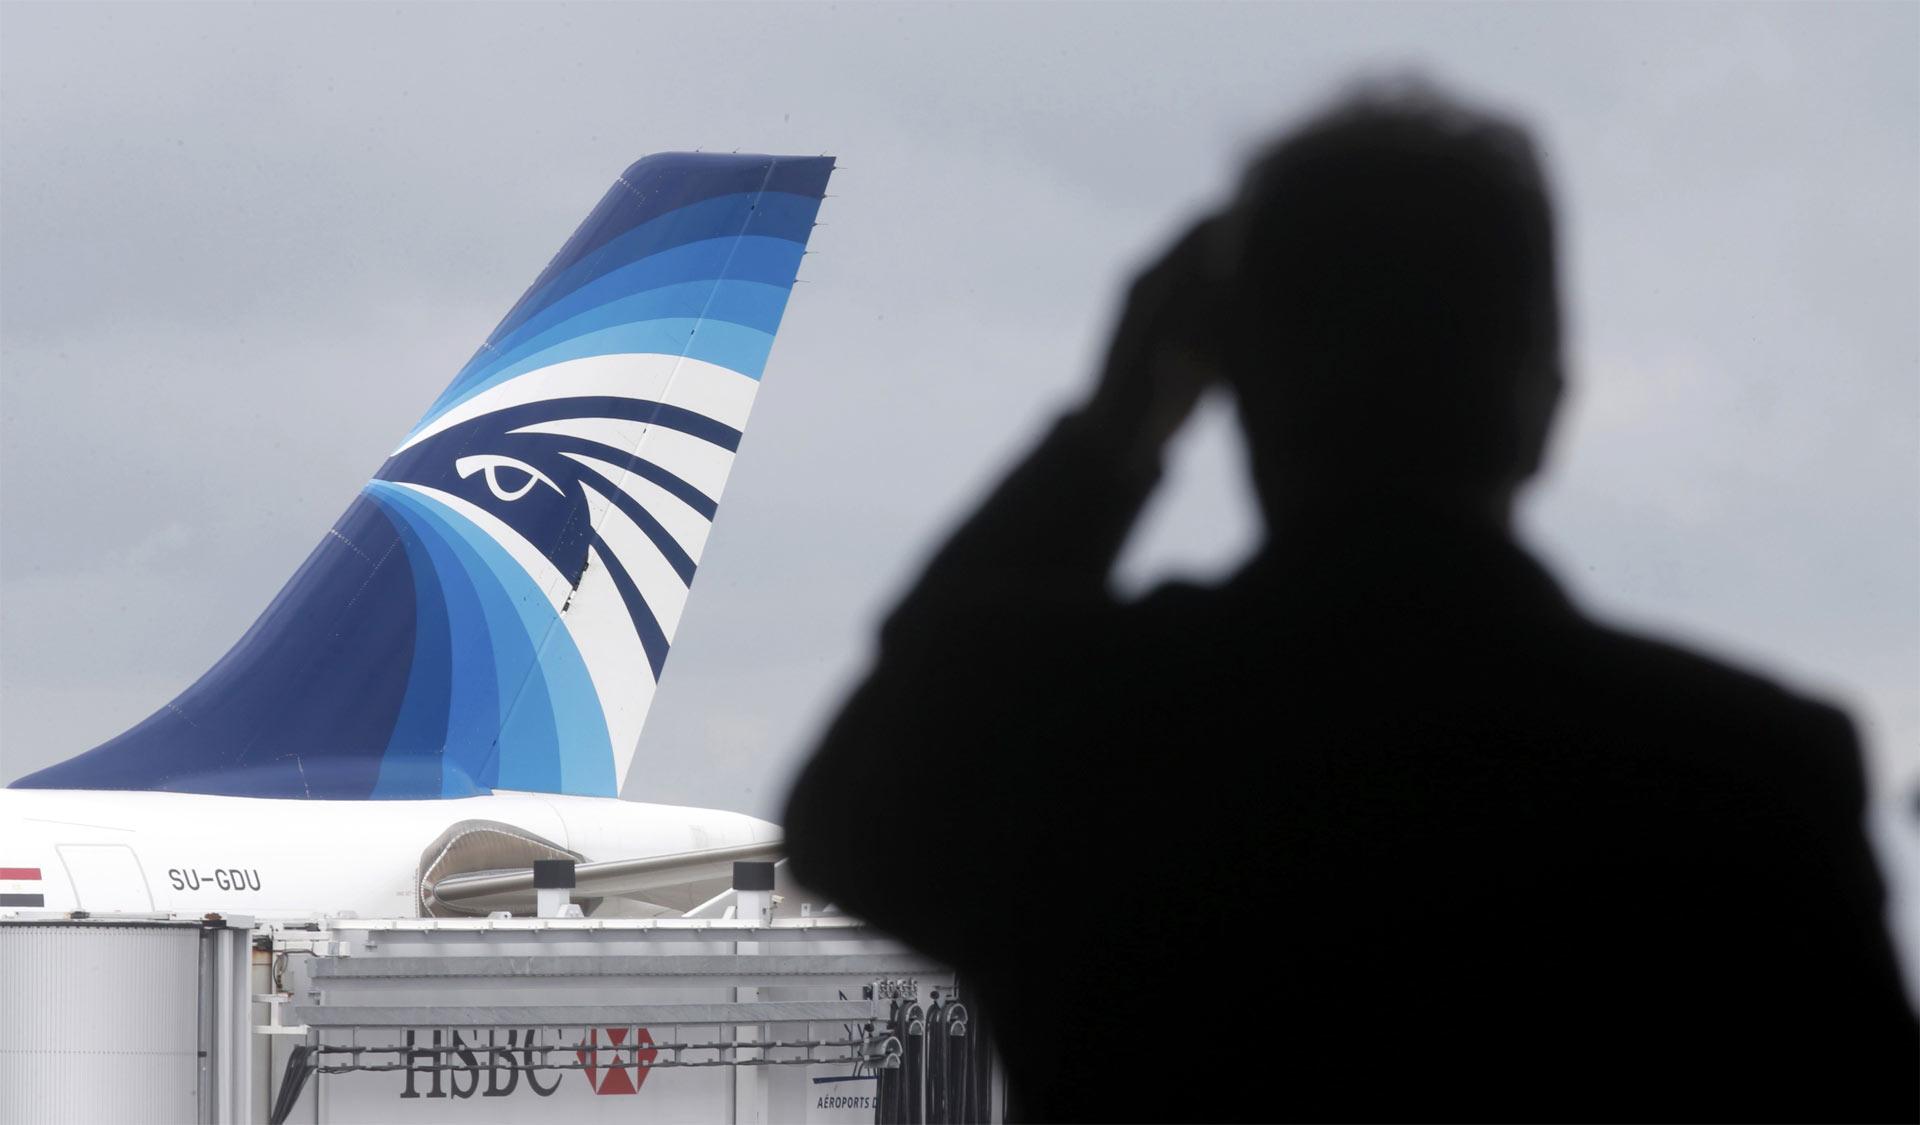 Pese a lo dicho por la aerolínea, dijeron no haber encontrado restos del avión desparecido